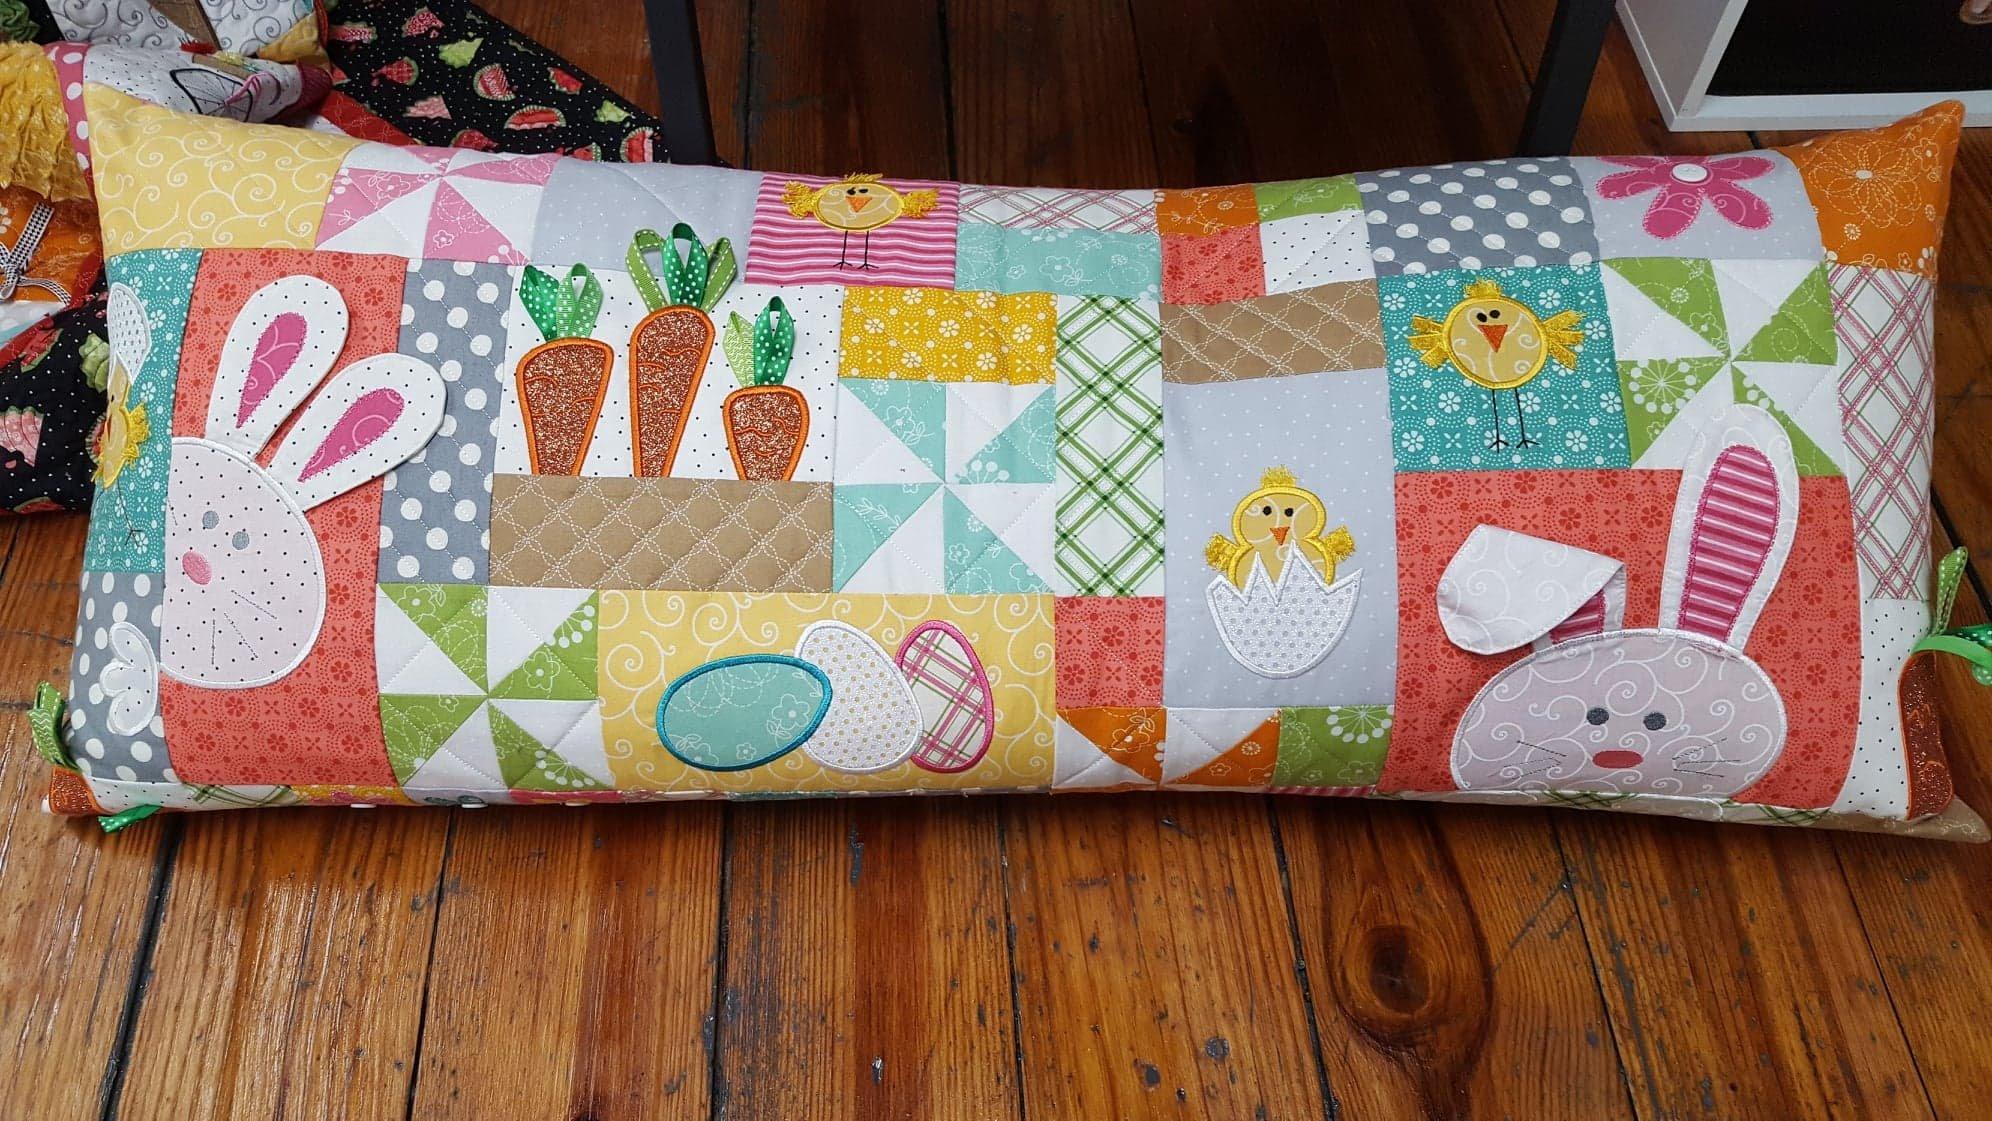 Hoppy Easter Bench Pillow